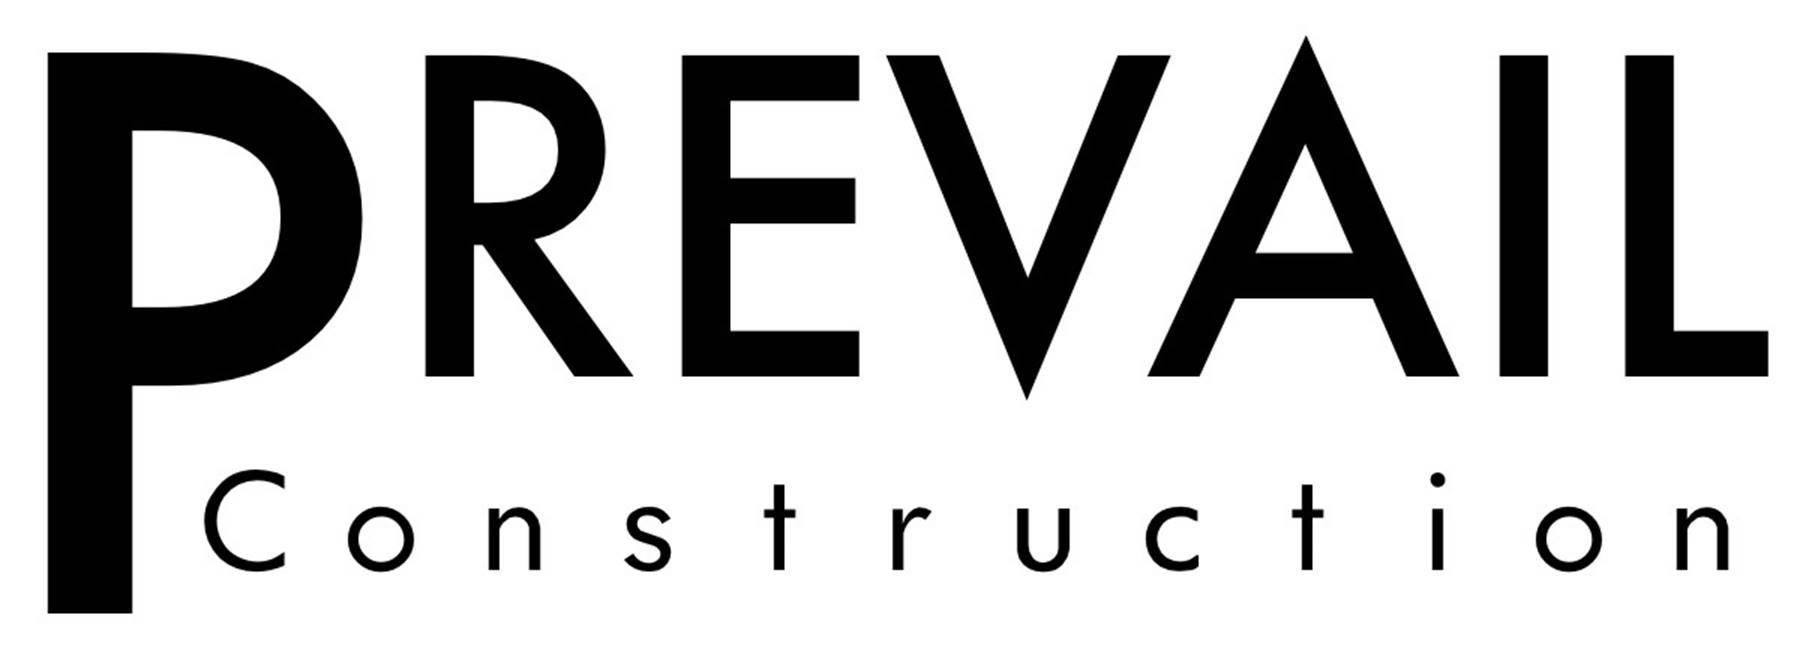 previal construction